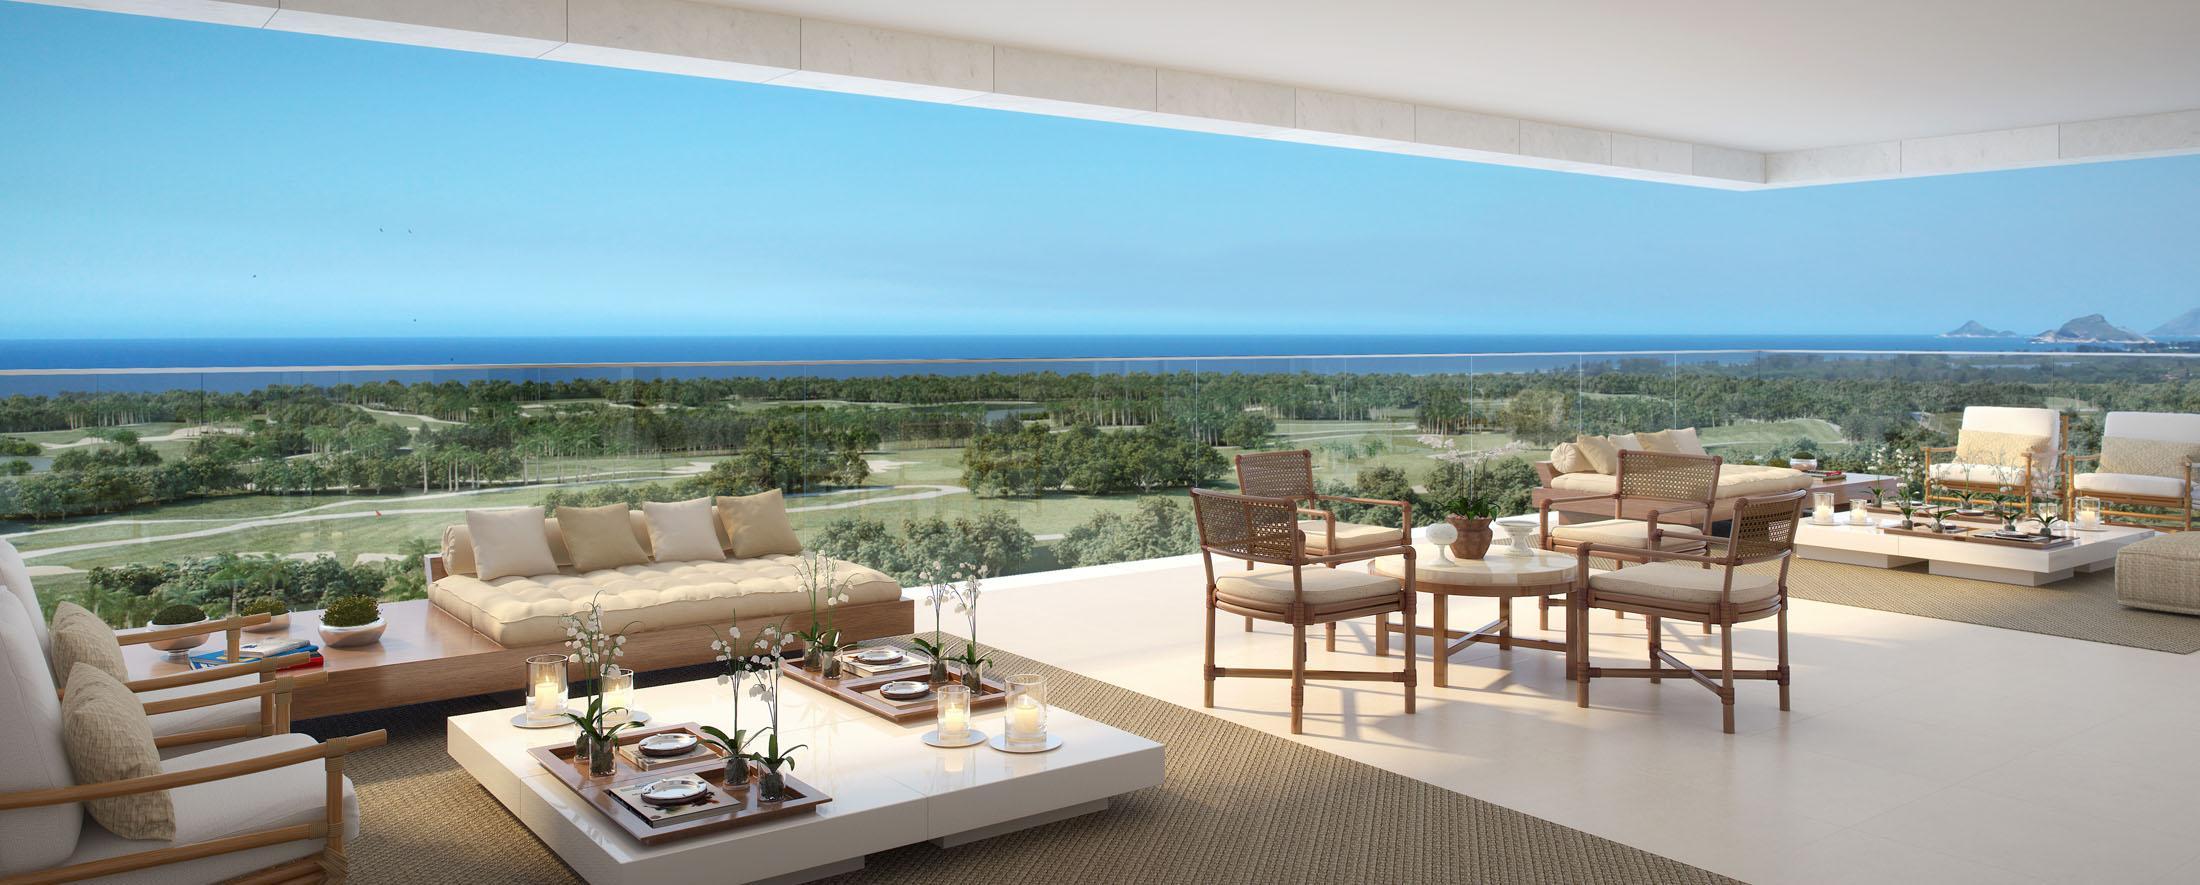 Varanda   Riserva Golf Vista Mare Residenziale – Apartamentona  Barra da Tijuca - Rio de Janeiro - Rio de Janeiro